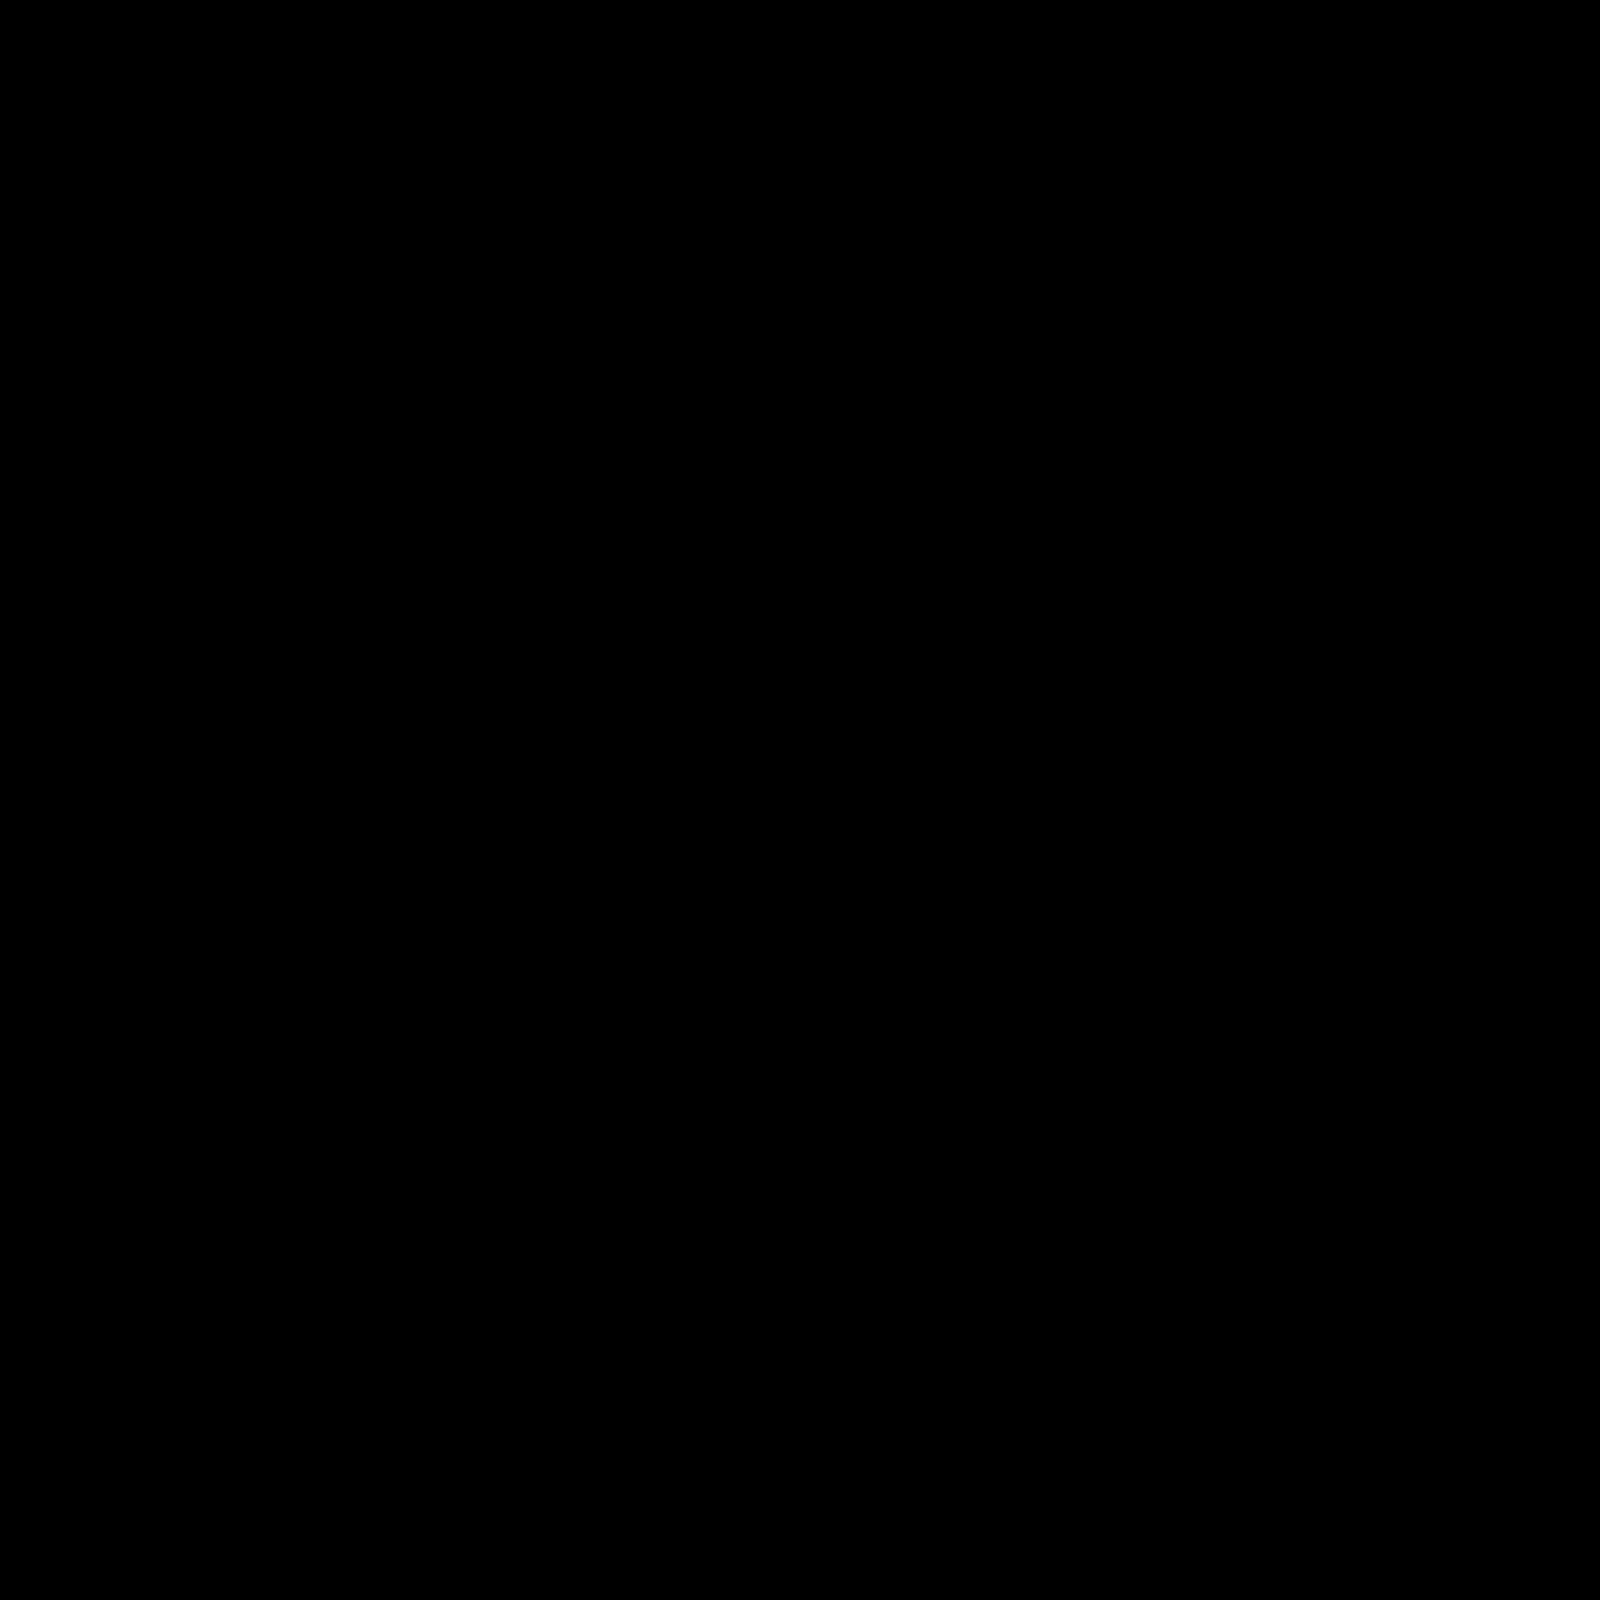 サインアップ icon. There is a squiggly line heading downwards, and where it ends there is a pencil going diagonal, giving the idea it's just being drawn. There isn't much detail to the pencil, only a dark tip and an eraser on the end.